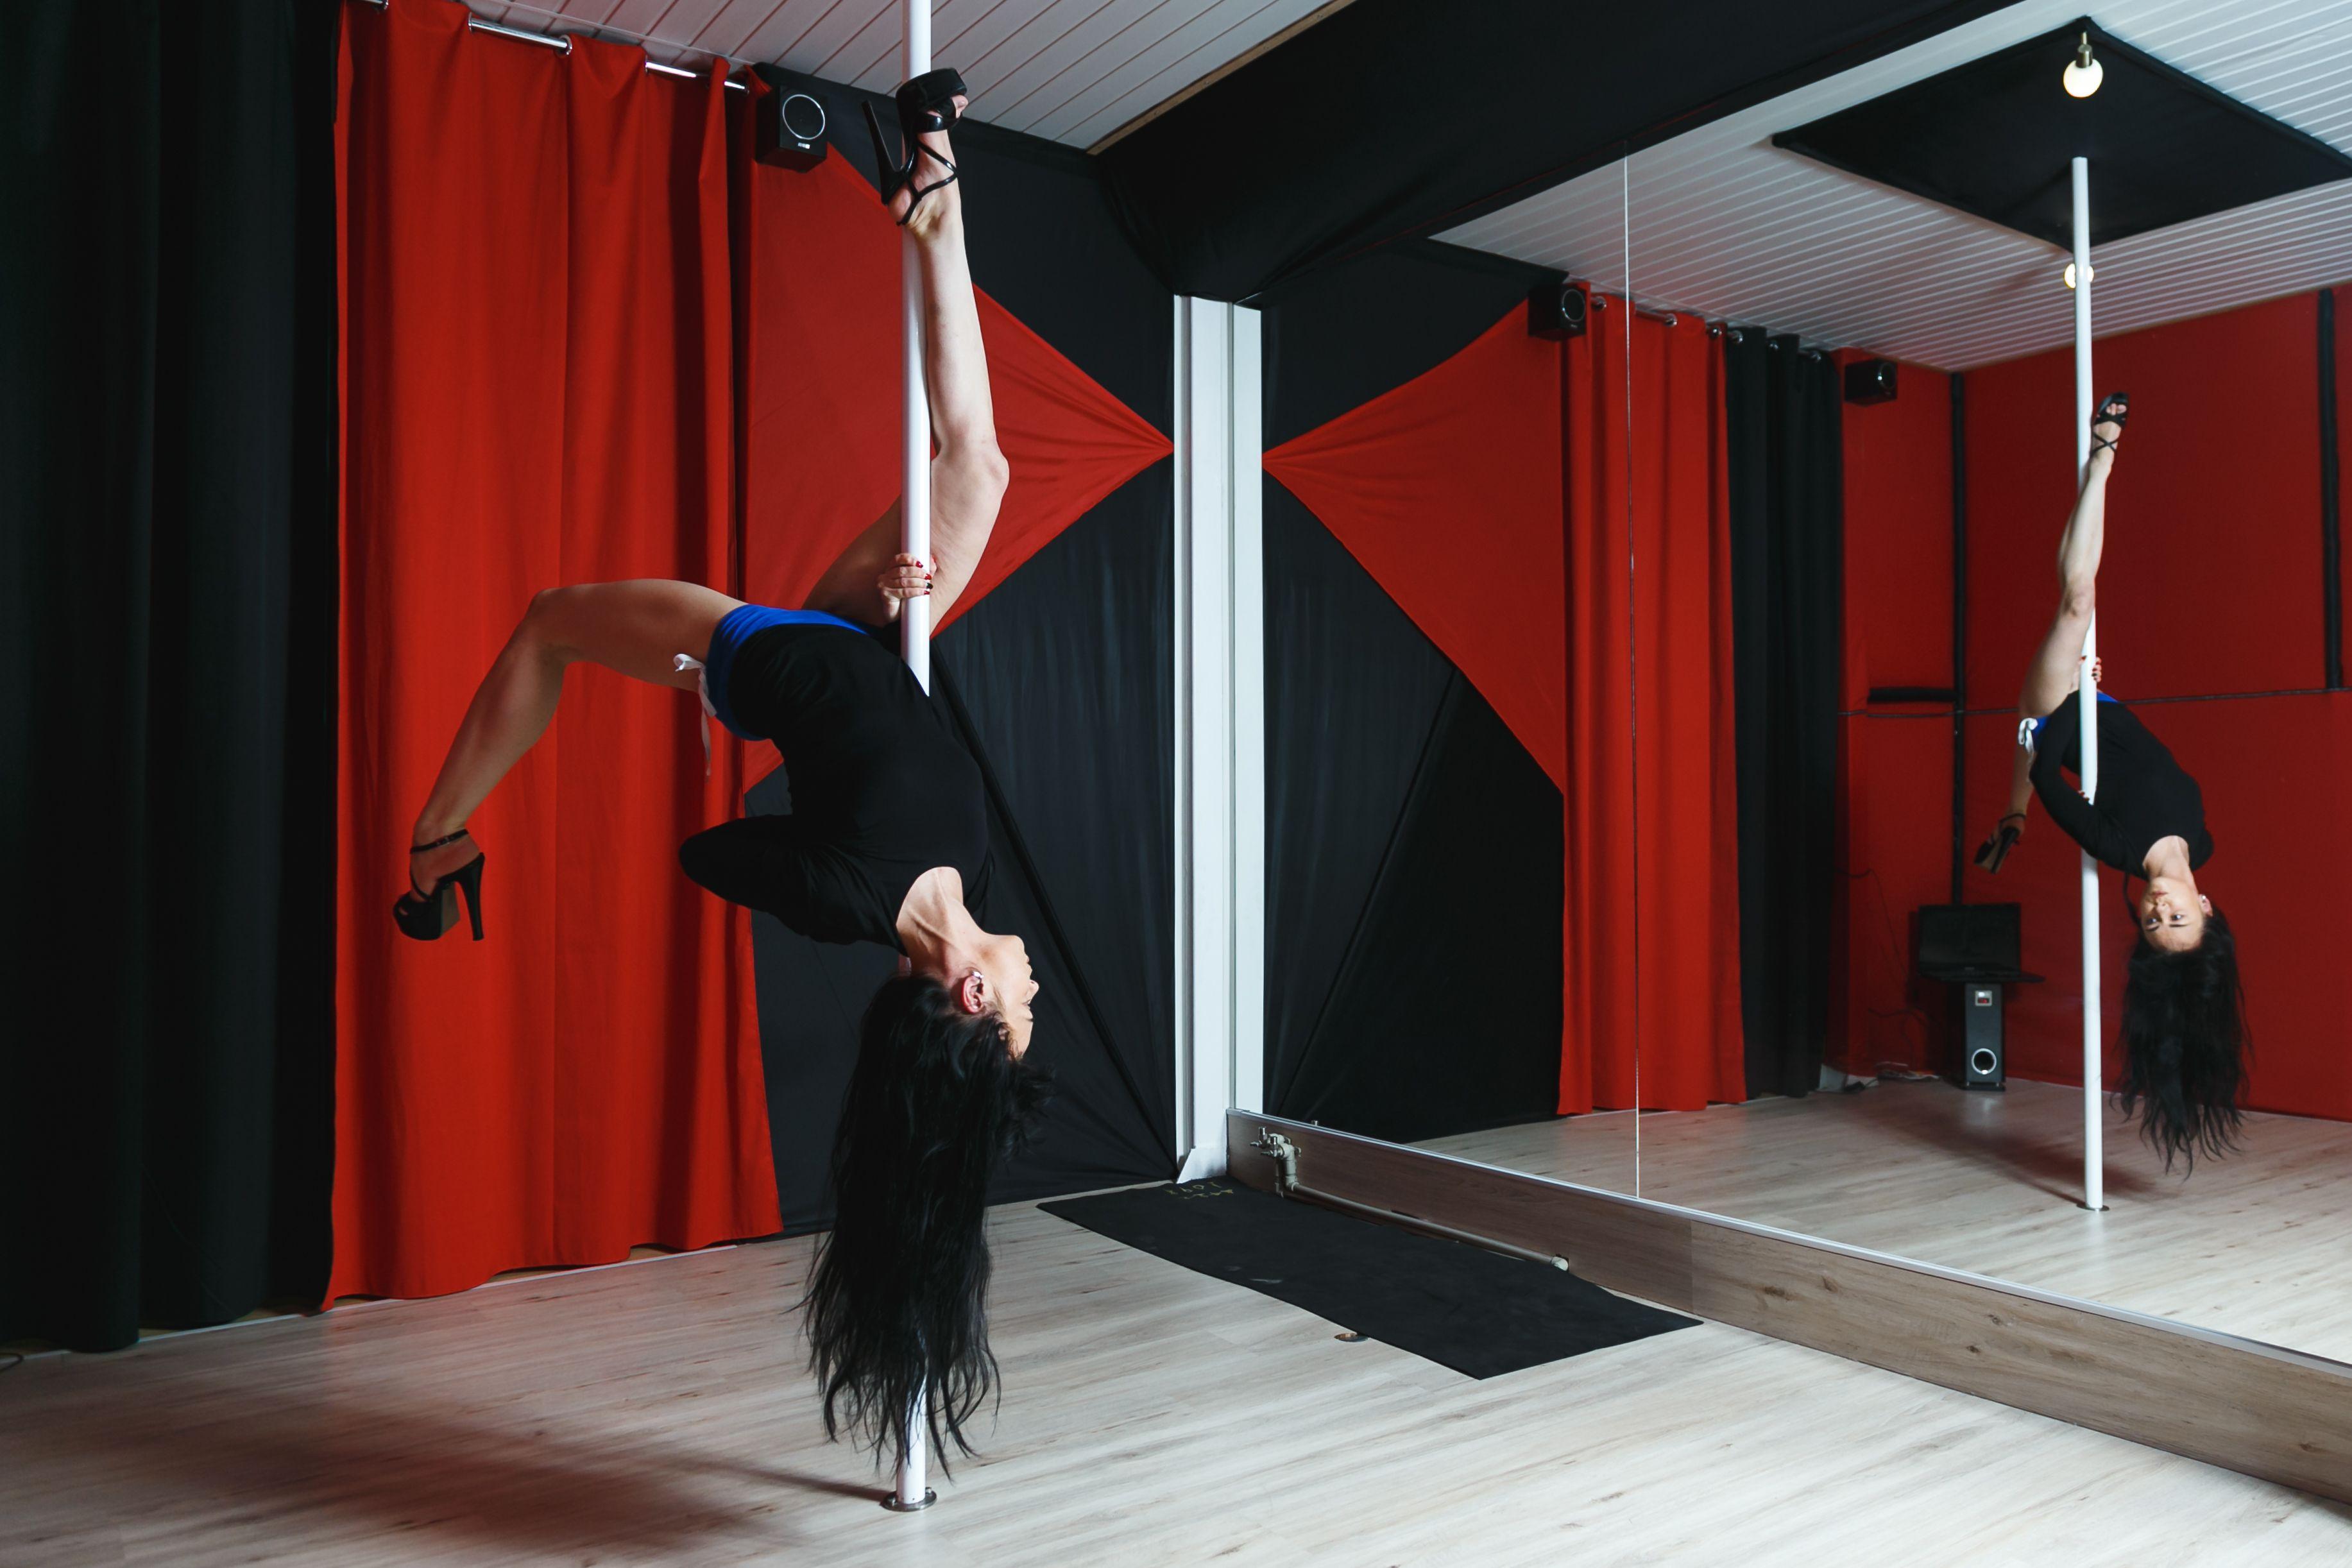 """Танец на пилоне - это акробатика, растяжка и """"спортзальная""""тренировка. В основном этим видом танцевального фитнеса девушки занимаются ради удовольствия. Фото: Александр КОРОБ"""